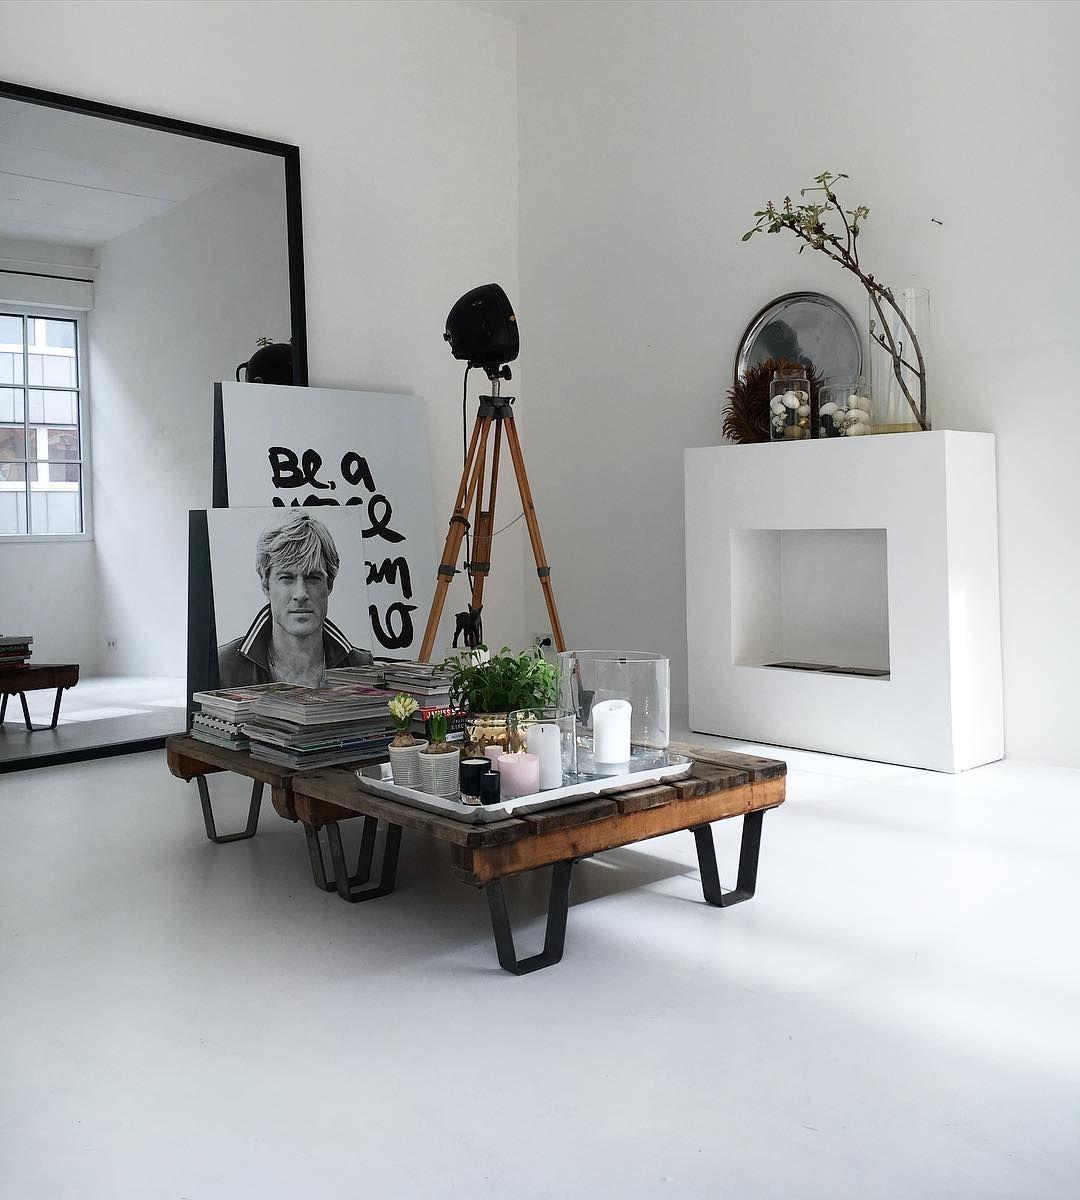 Salon-spiegel-designs spiegel hell white living simple minimalistisch loft  home